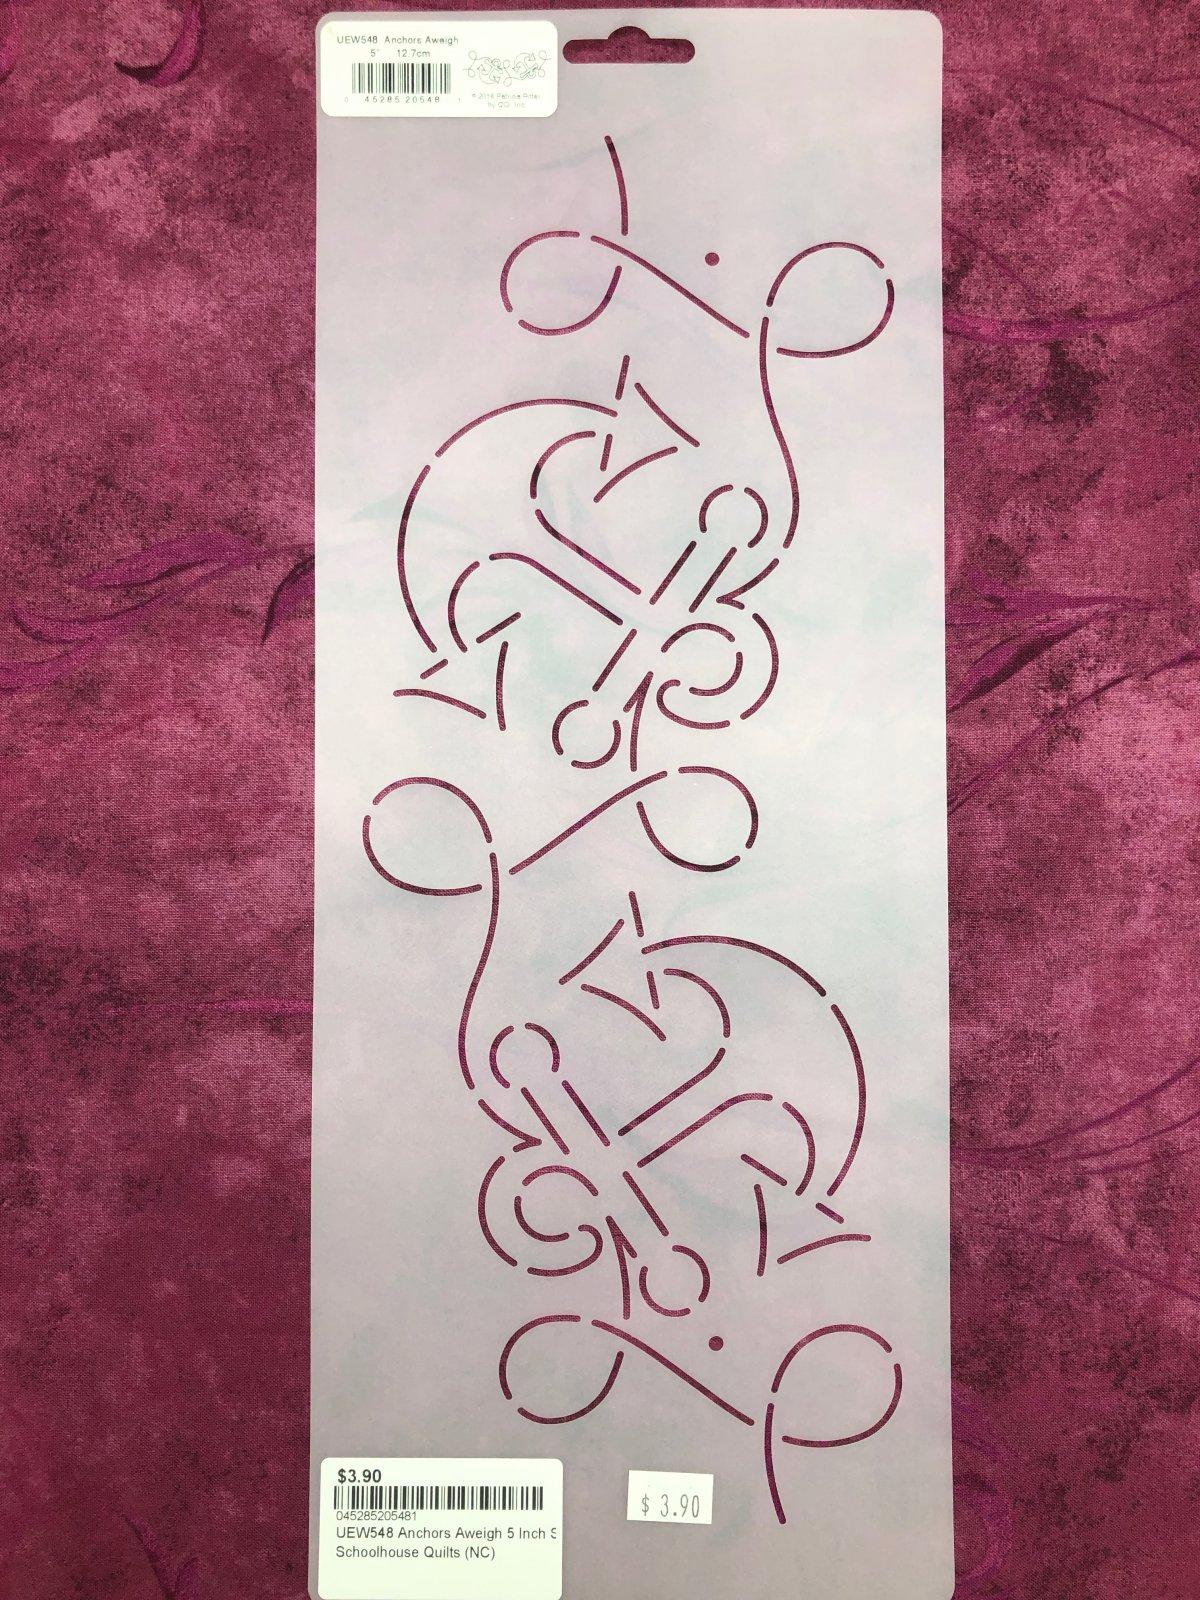 UEW548 Anchors Aweigh 5 Inch Stencil